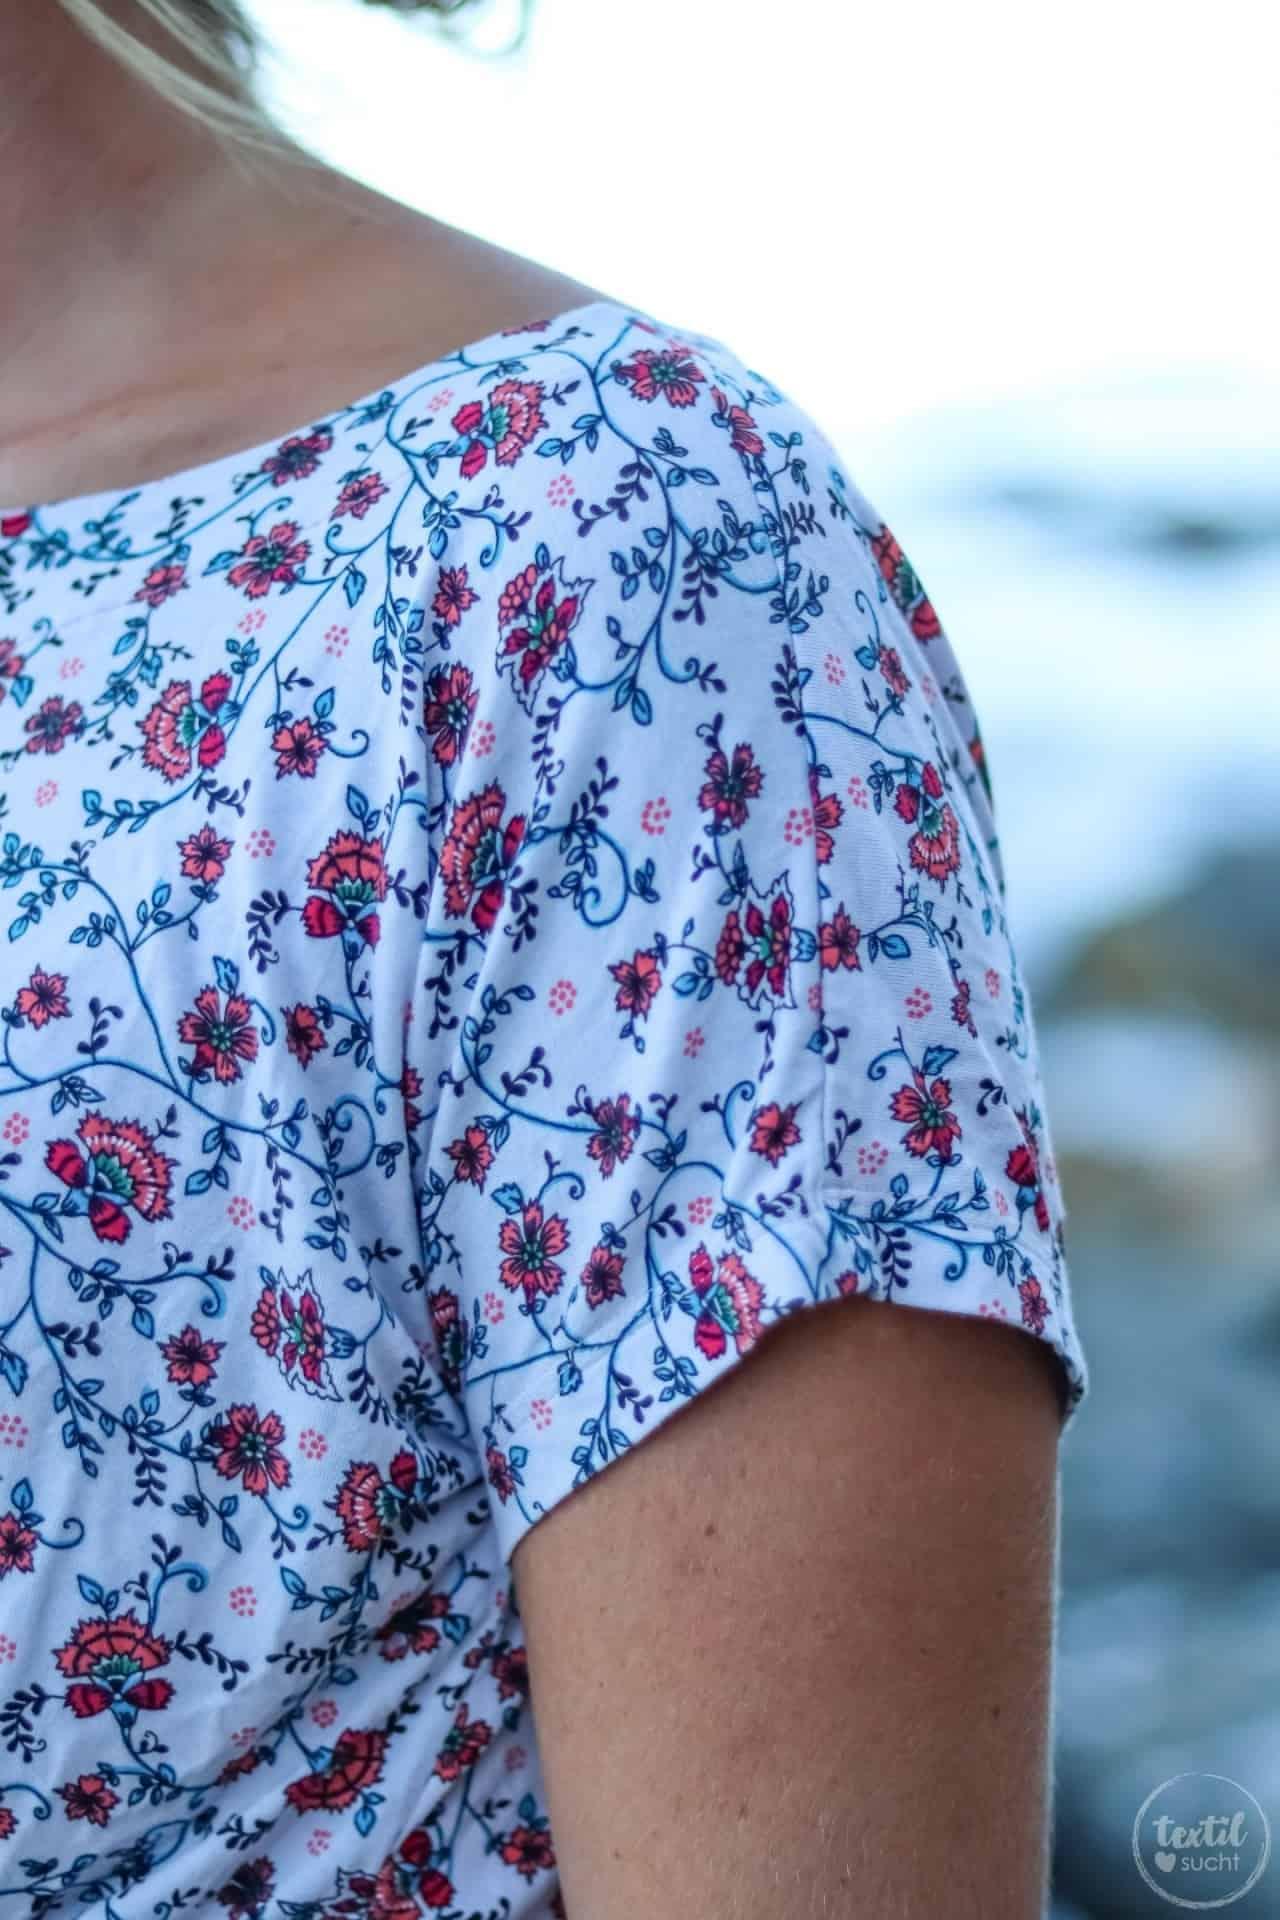 Mein neues Lieblings-Sommerkleid mit Blumenmuster - Bild 8 | textilsucht.de